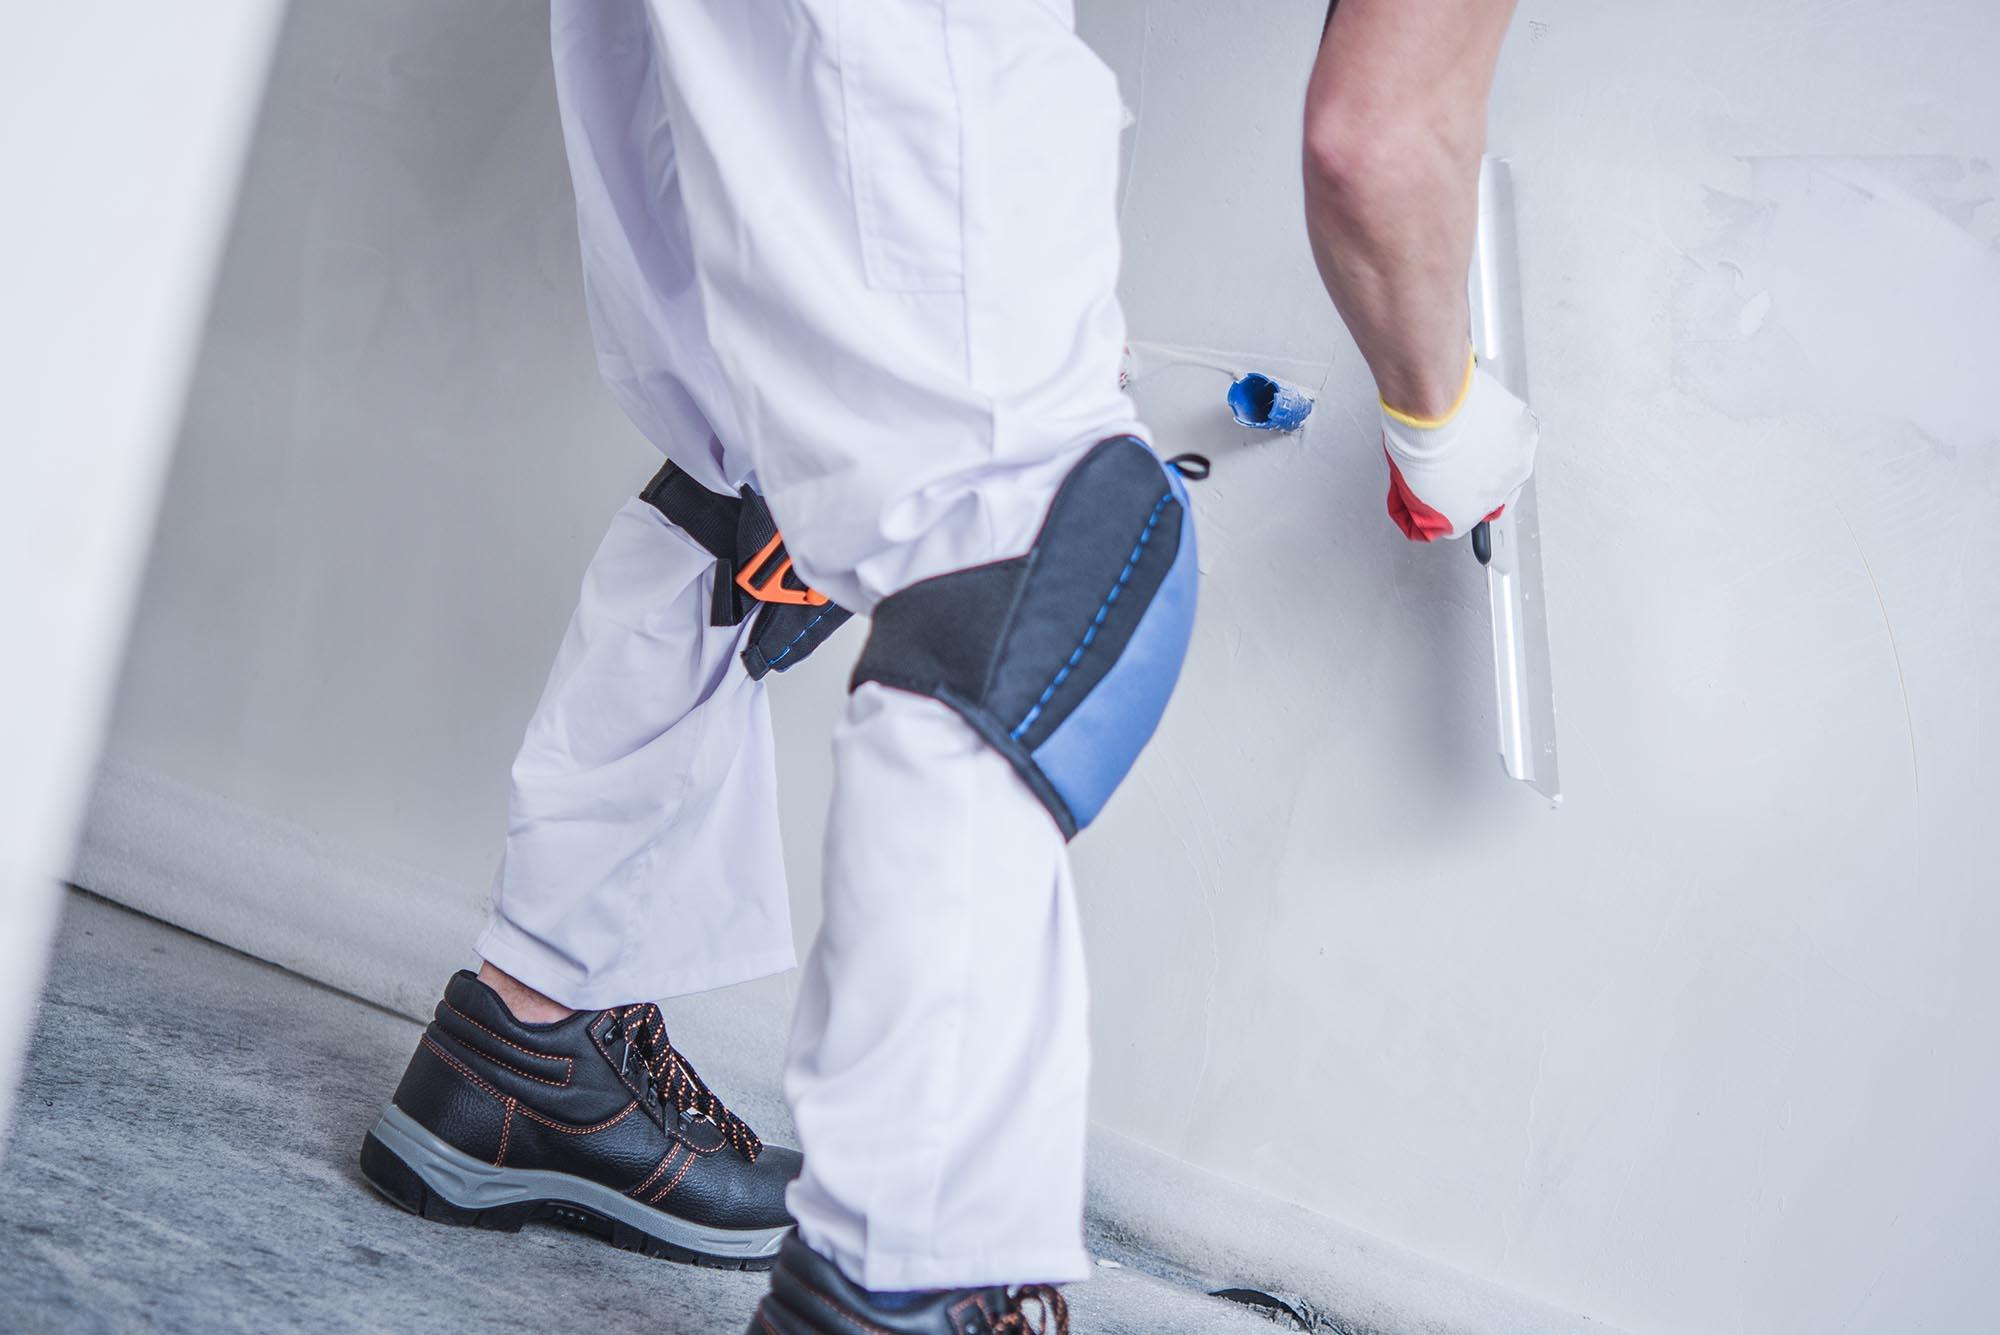 homem trabalhando com drywall